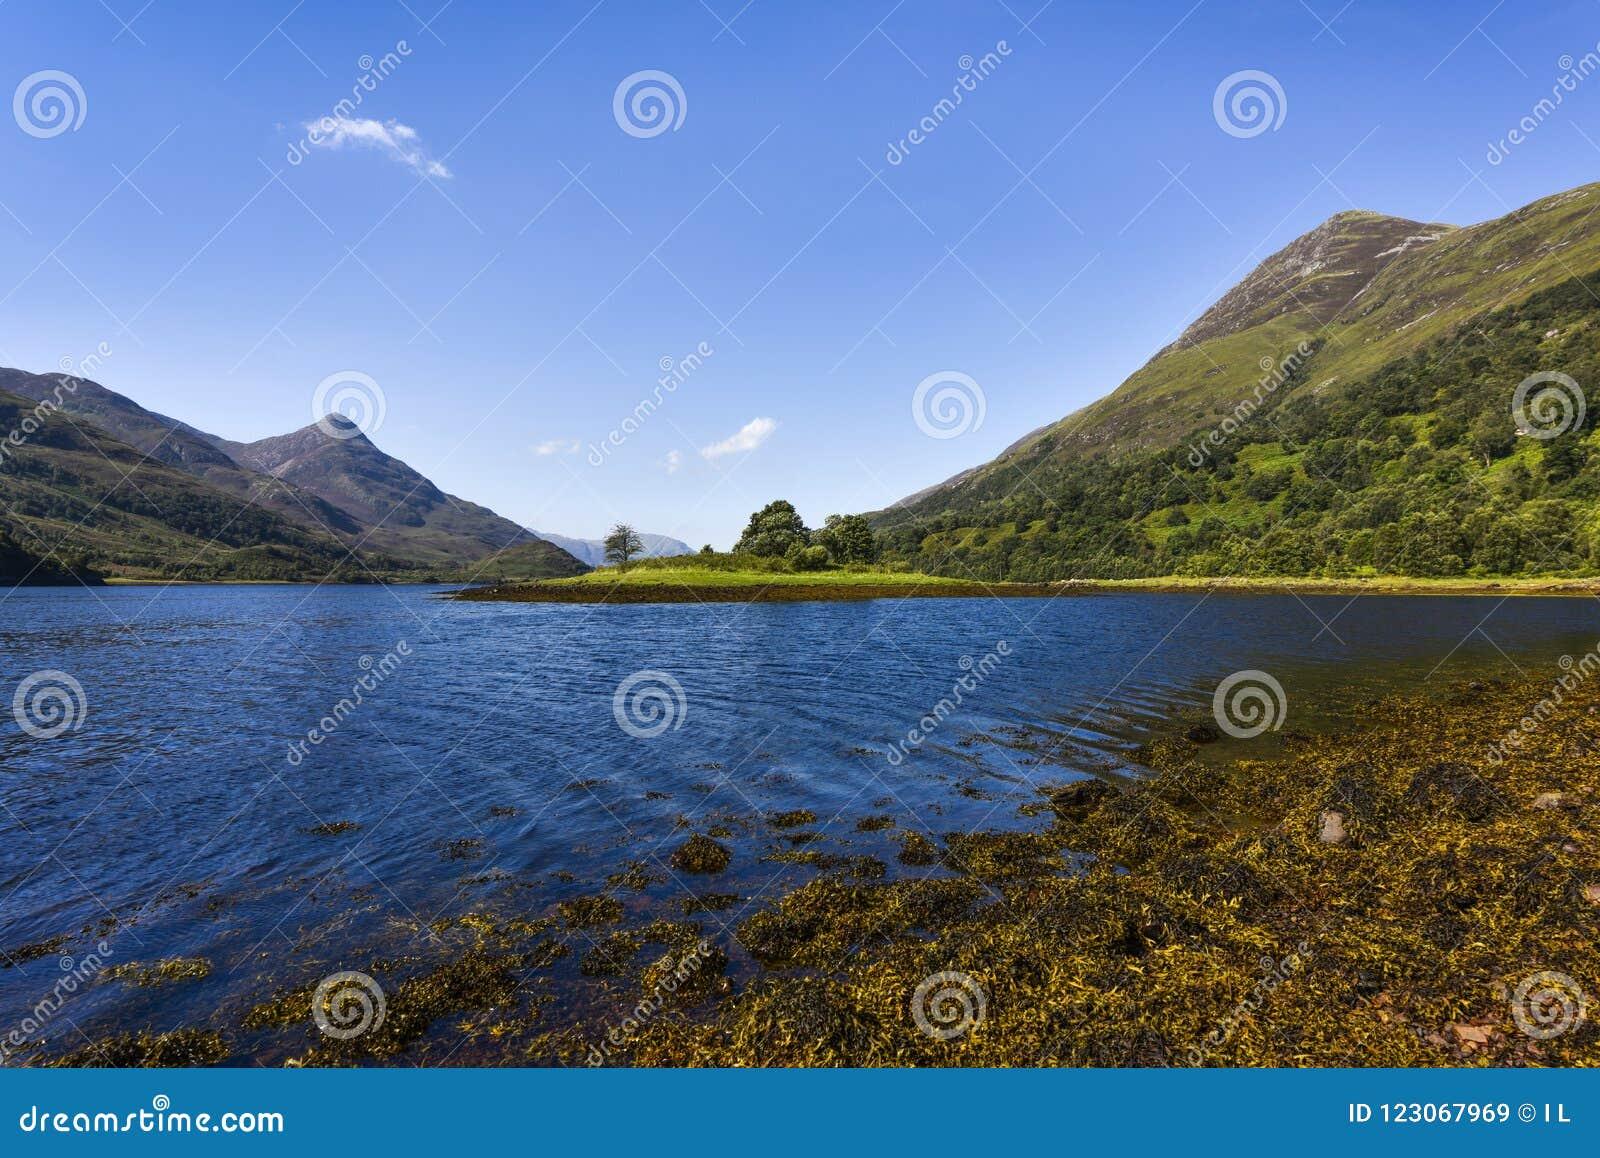 Φυσικό σκωτσέζικο τοπίο κοντά στο οχυρό Ουίλιαμς με την ειδυλλιακή λίμνη που περιβάλλεται από τα μικρά βουνά, Σκωτία